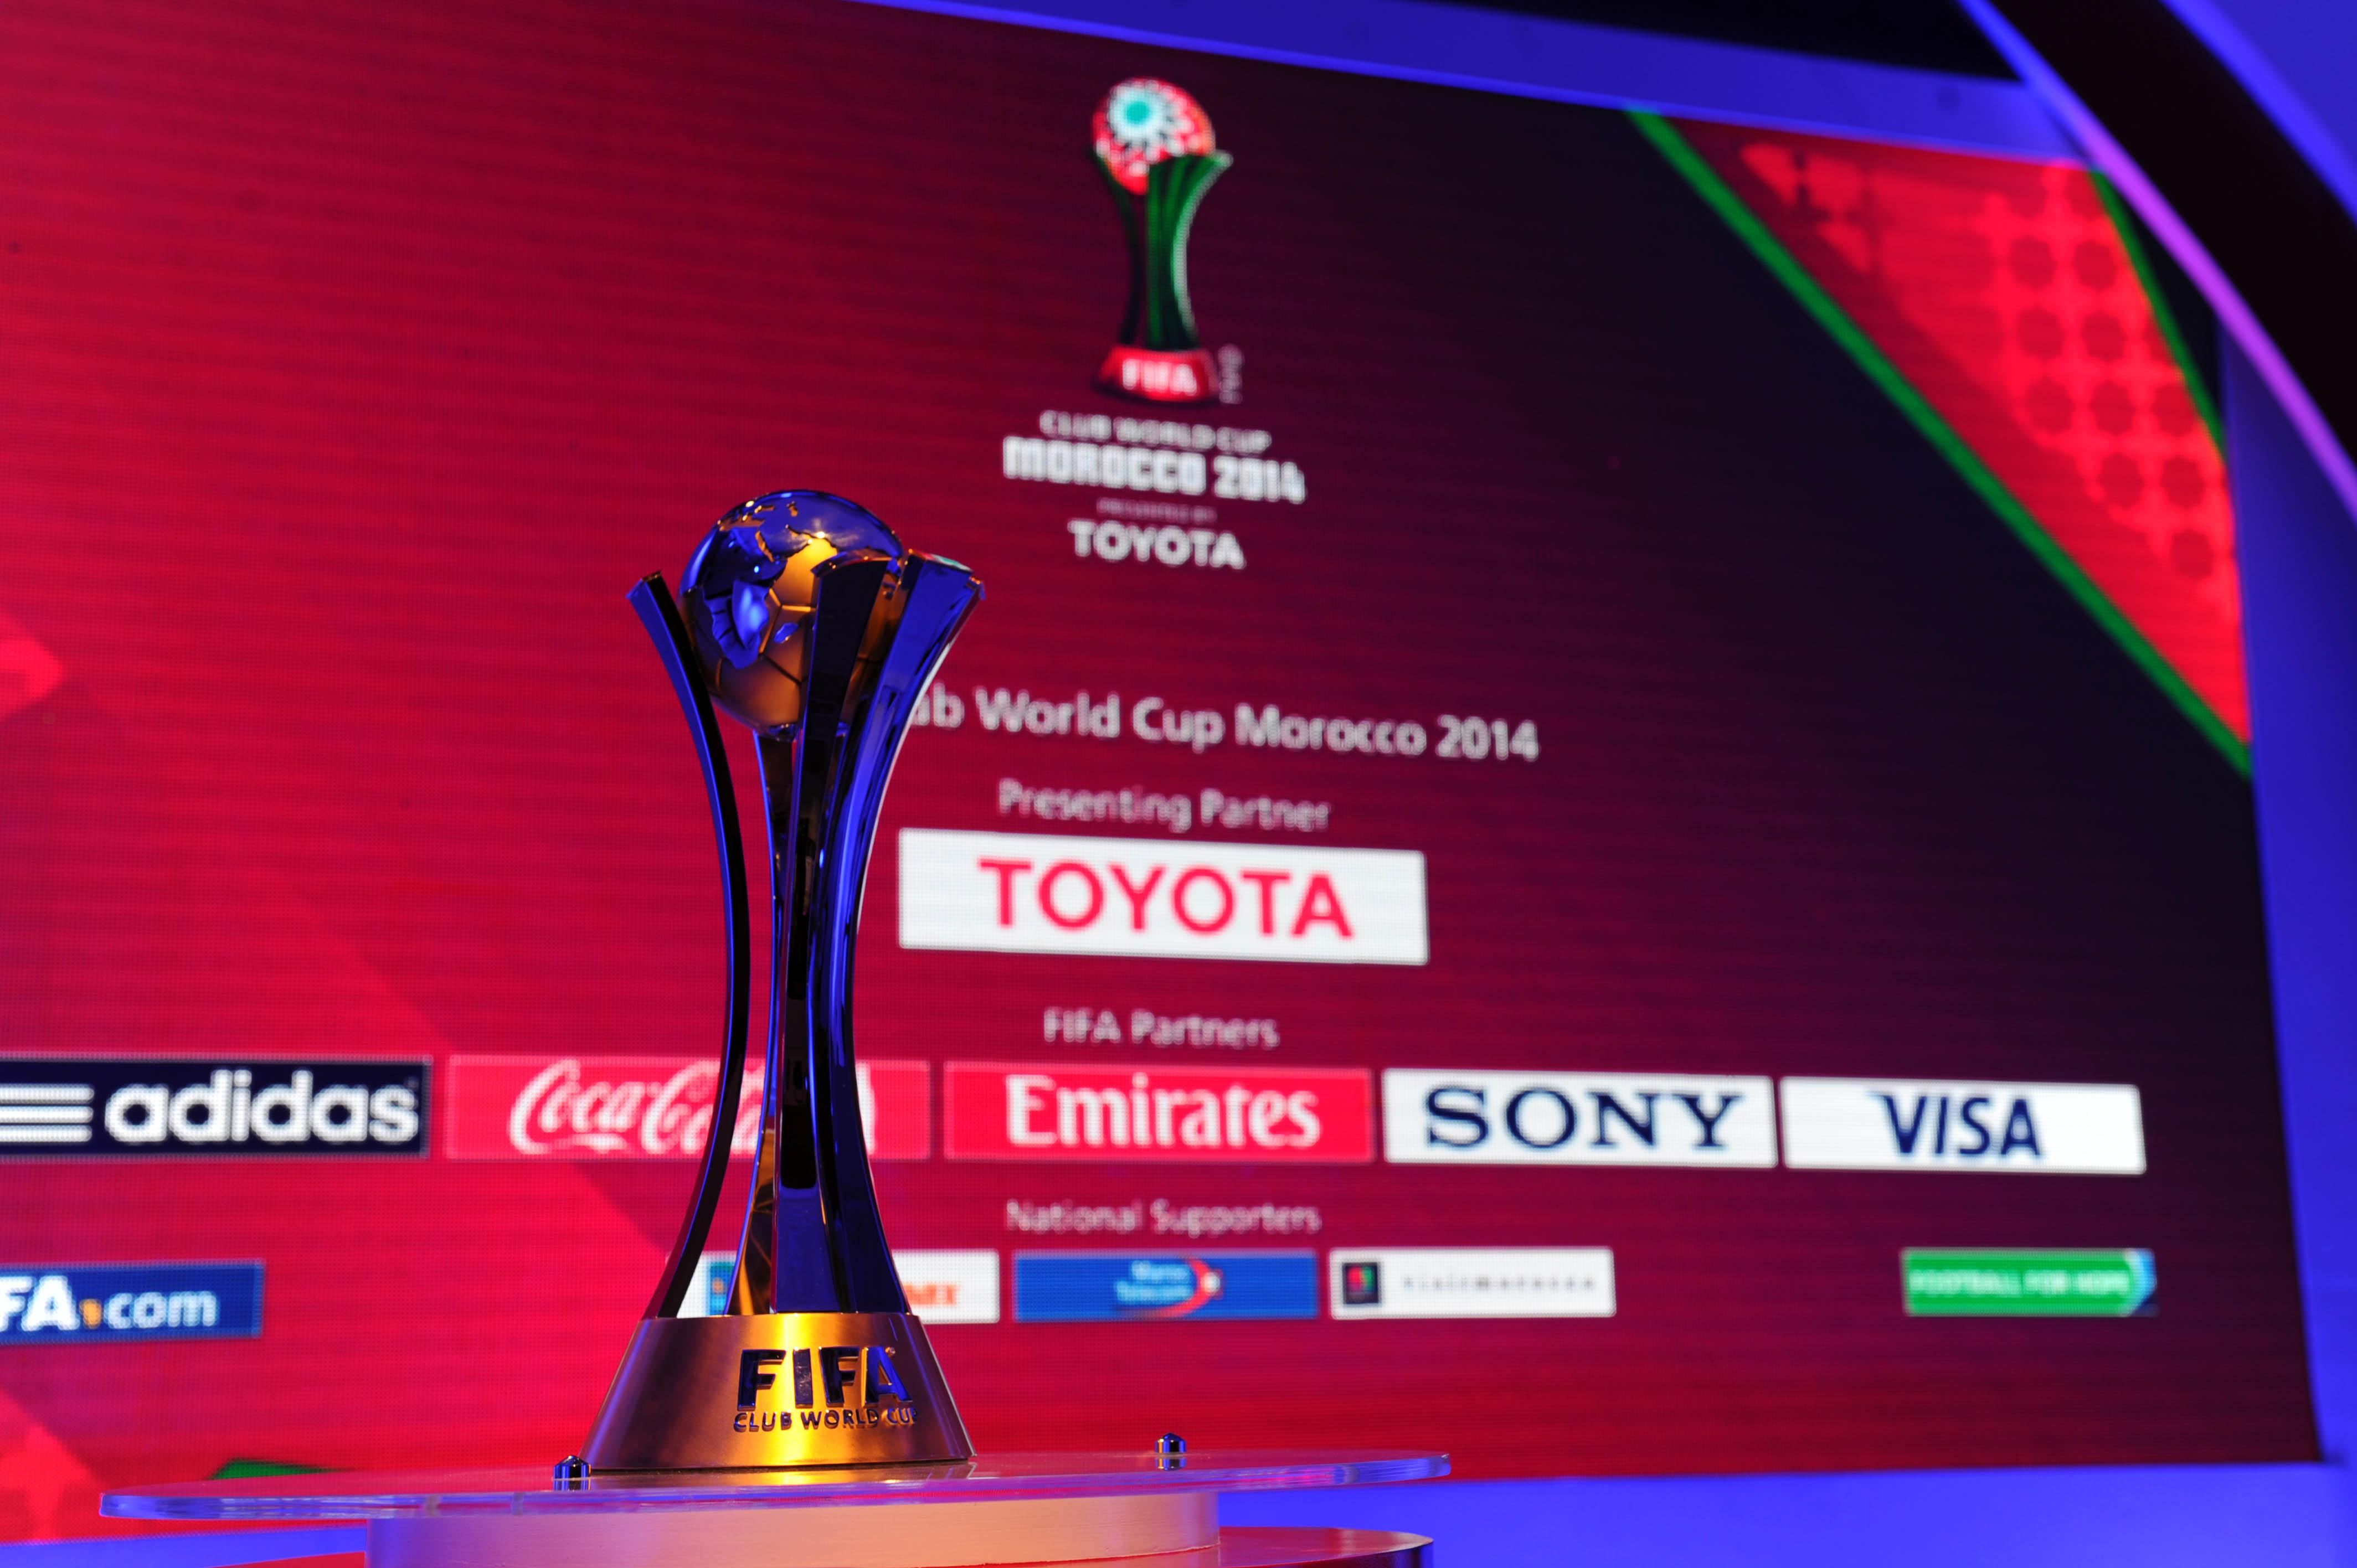 كأس العالم للأندية بالمغرب 2014